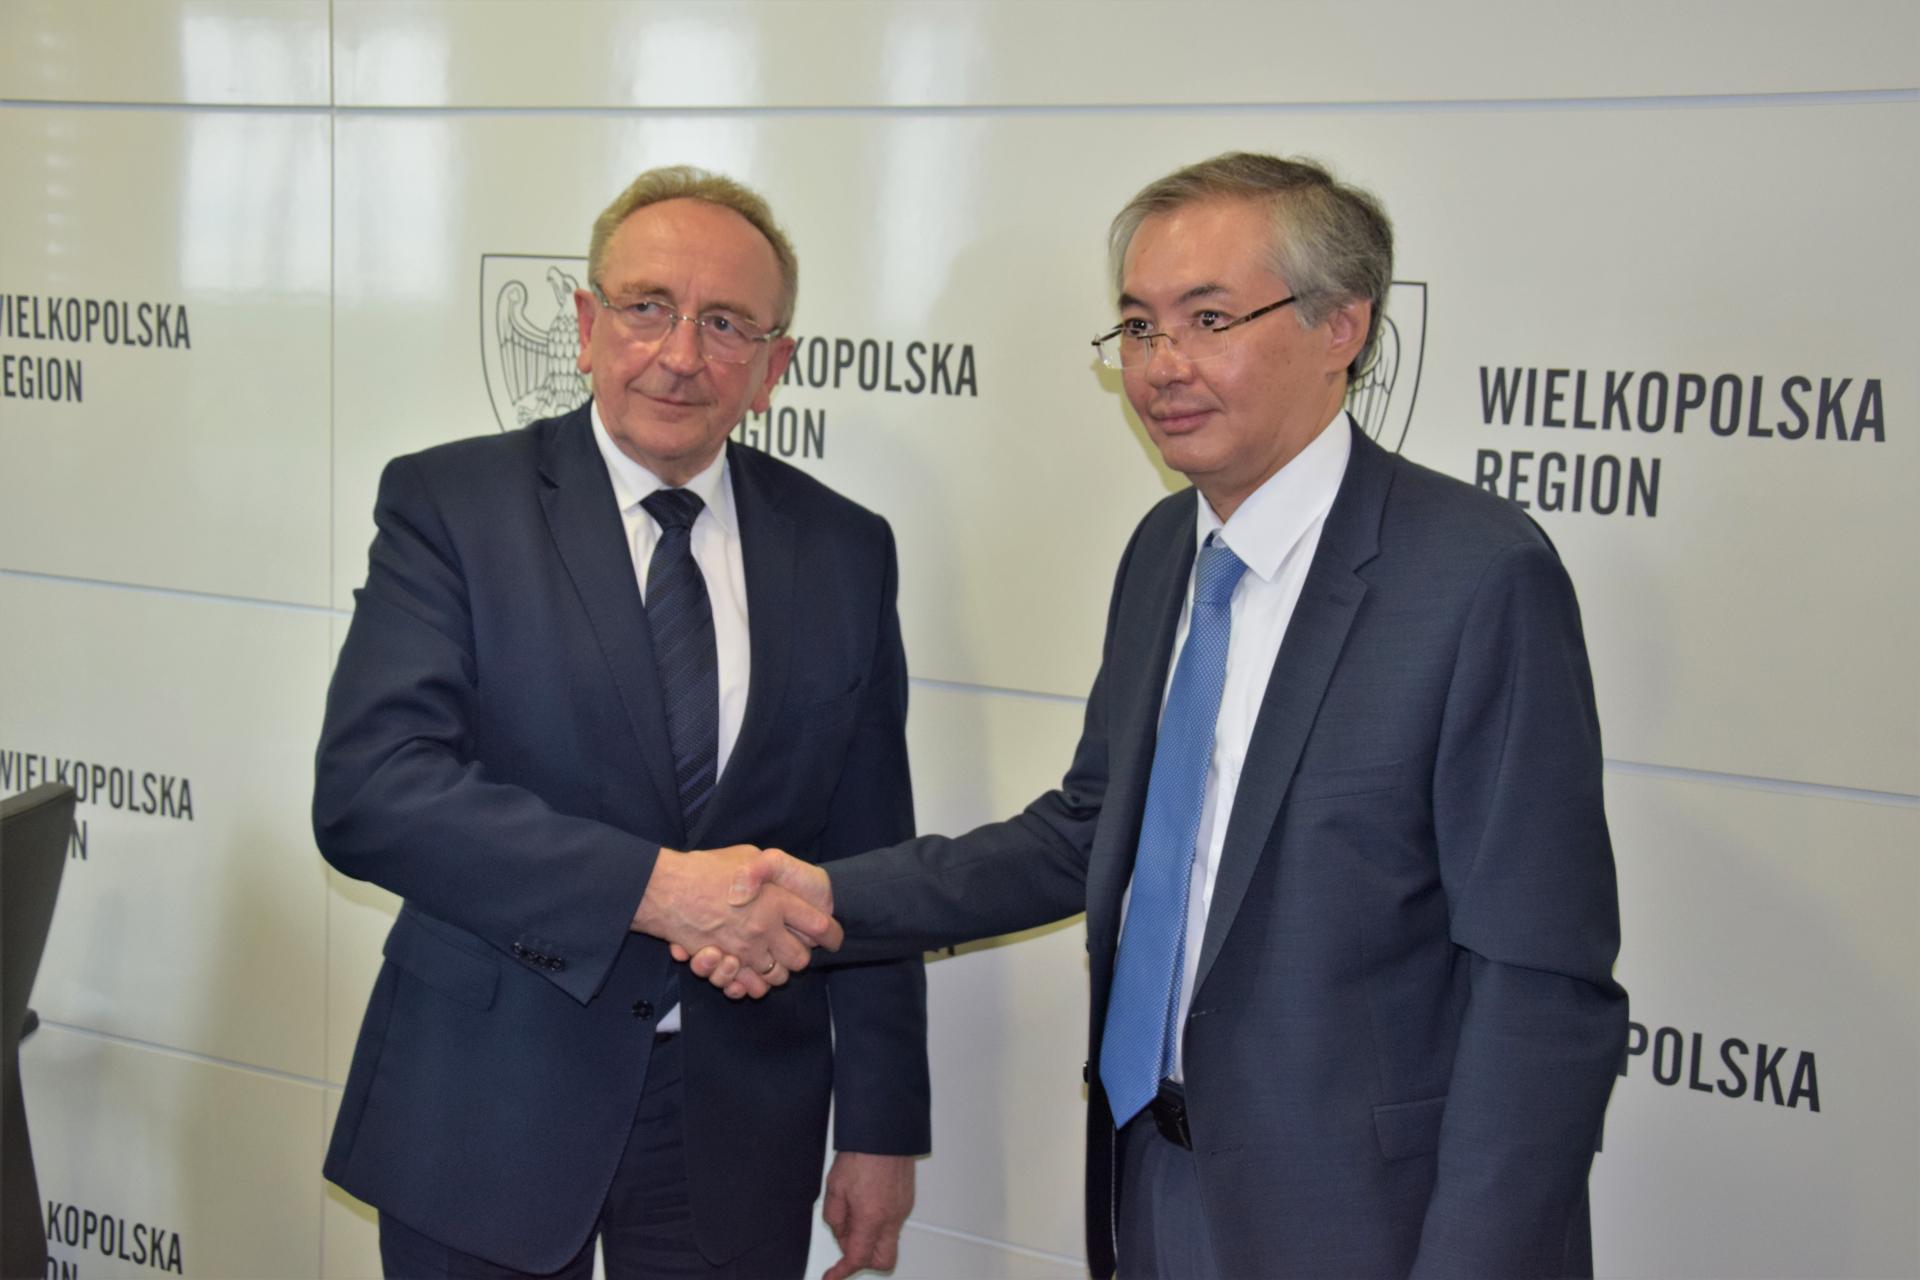 Spotkanie z Ambasadorem Kazachstanu  - zobacz więcej